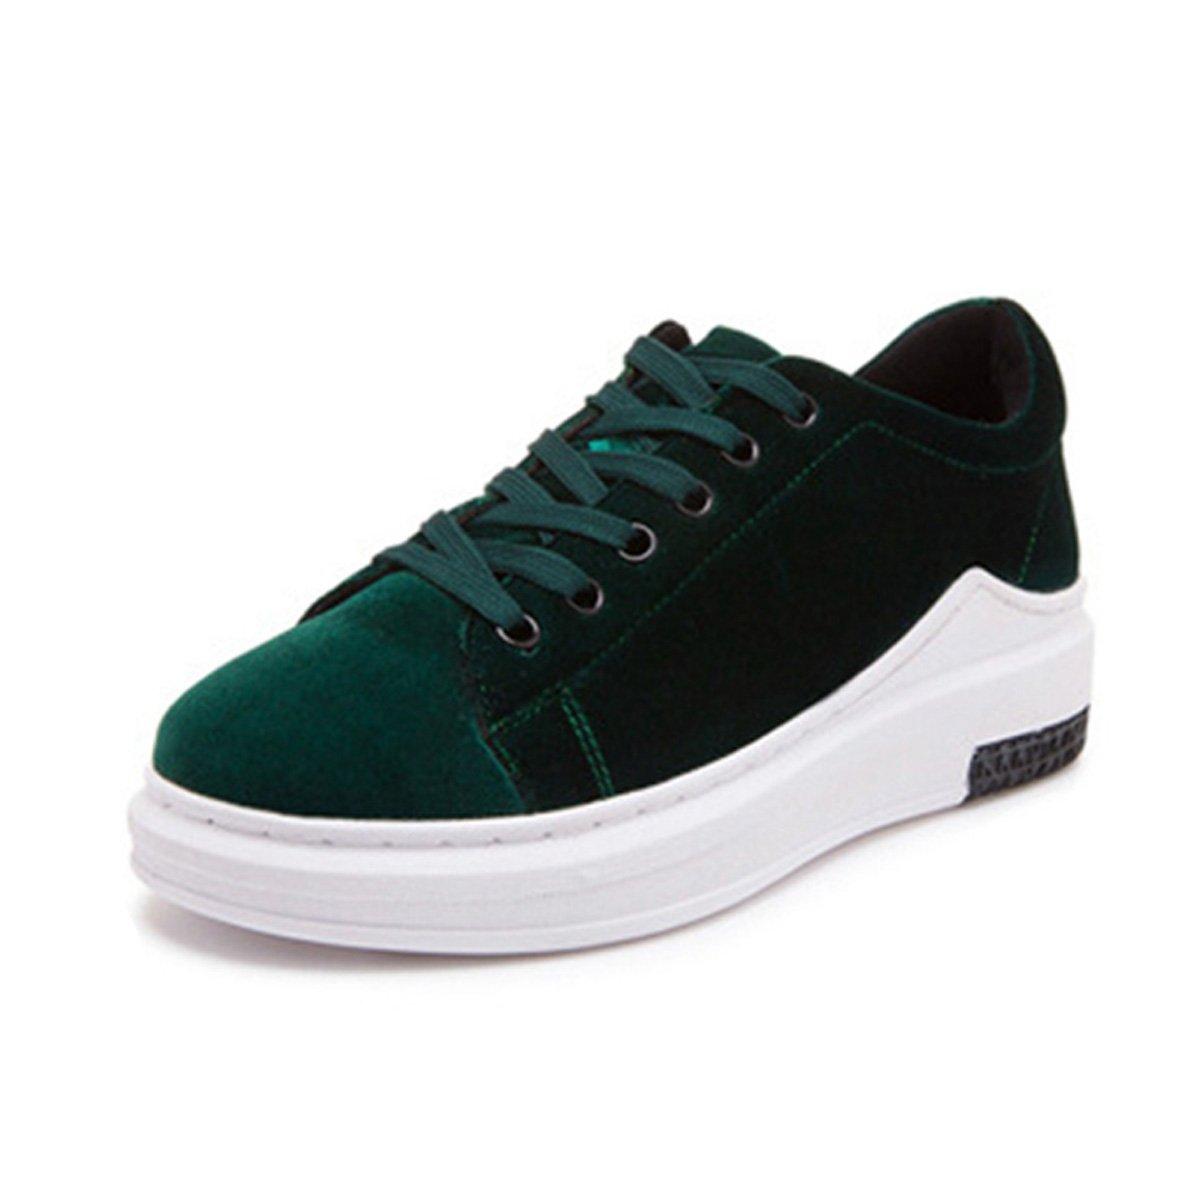 Basket mode femme chaussure loisir plate-forme sneakers sneakers compensé casuel mode chaussure sportif velours printemps Vert c010774 - epictionpvp.space